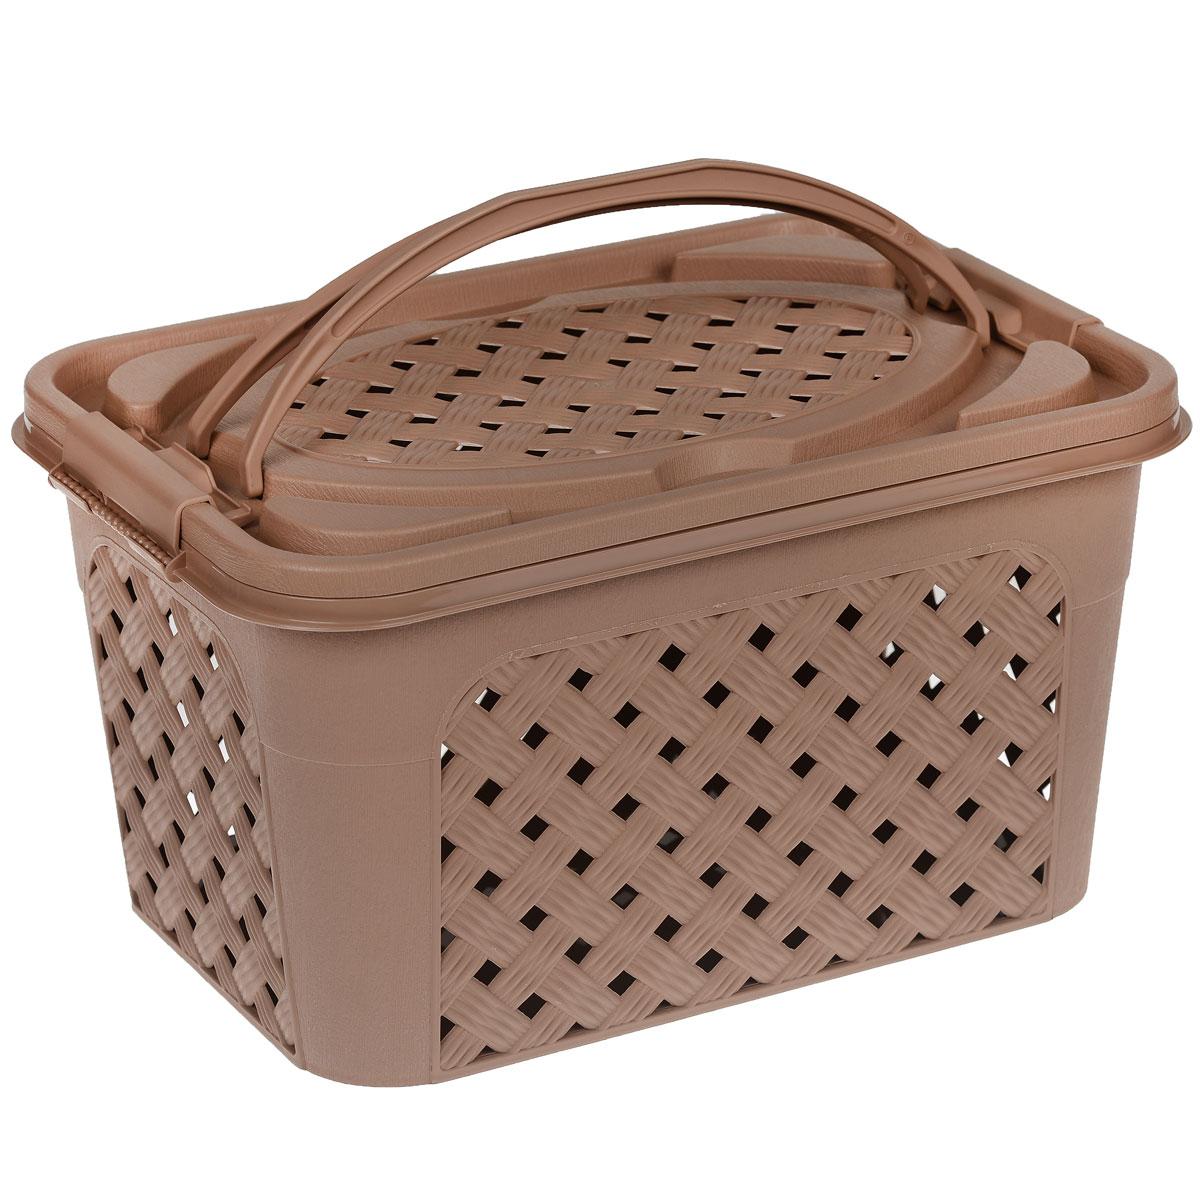 """Контейнер Альтернатива """"Плетенка-люкс"""" выполнен из прочного пластика. Он предназначен для хранения различных бытовых вещей и продуктов.Контейнер имеет крышку, которая легко открывается и плотно закрывается, благодаря зажимам, расположенным по бокам. Стенки контейнера и крышка имитированы под плетение, за счет этого обеспечивается естественная вентиляция. Контейнер оснащен двумя ручками, благодаря которым его удобно переносить. Контейнер поможет хранить все в одном месте, а также его можно использовать как корзину для пикника."""